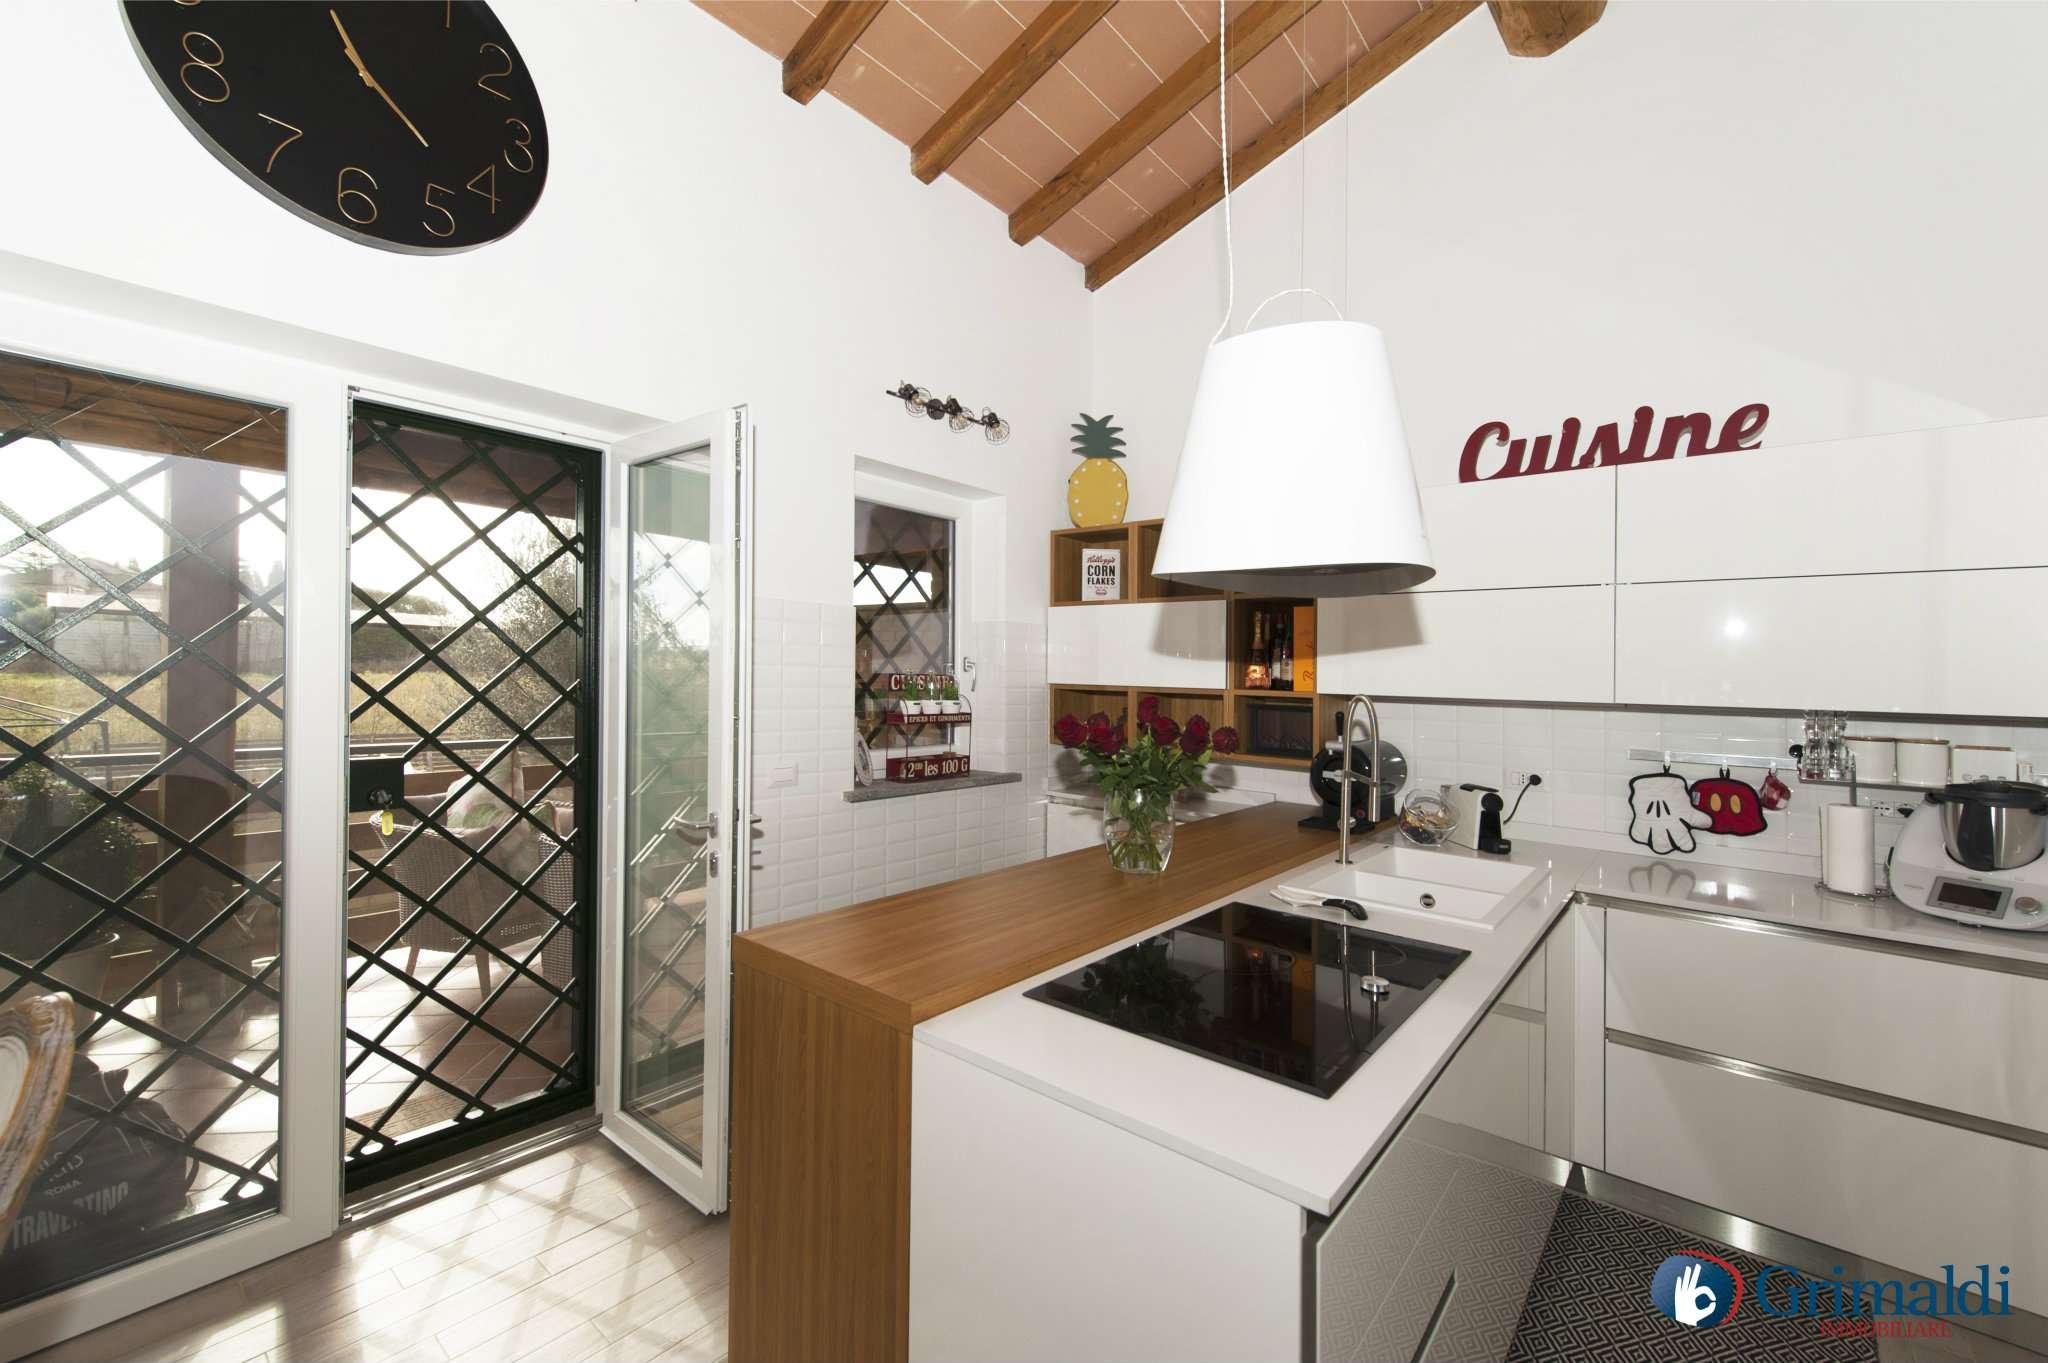 Villa a Schiera in vendita a Roma, 4 locali, zona Zona: 18 . Ardeatino - Grotta Perfetta - Fonte Meravigliosa, prezzo € 273.000 | CambioCasa.it